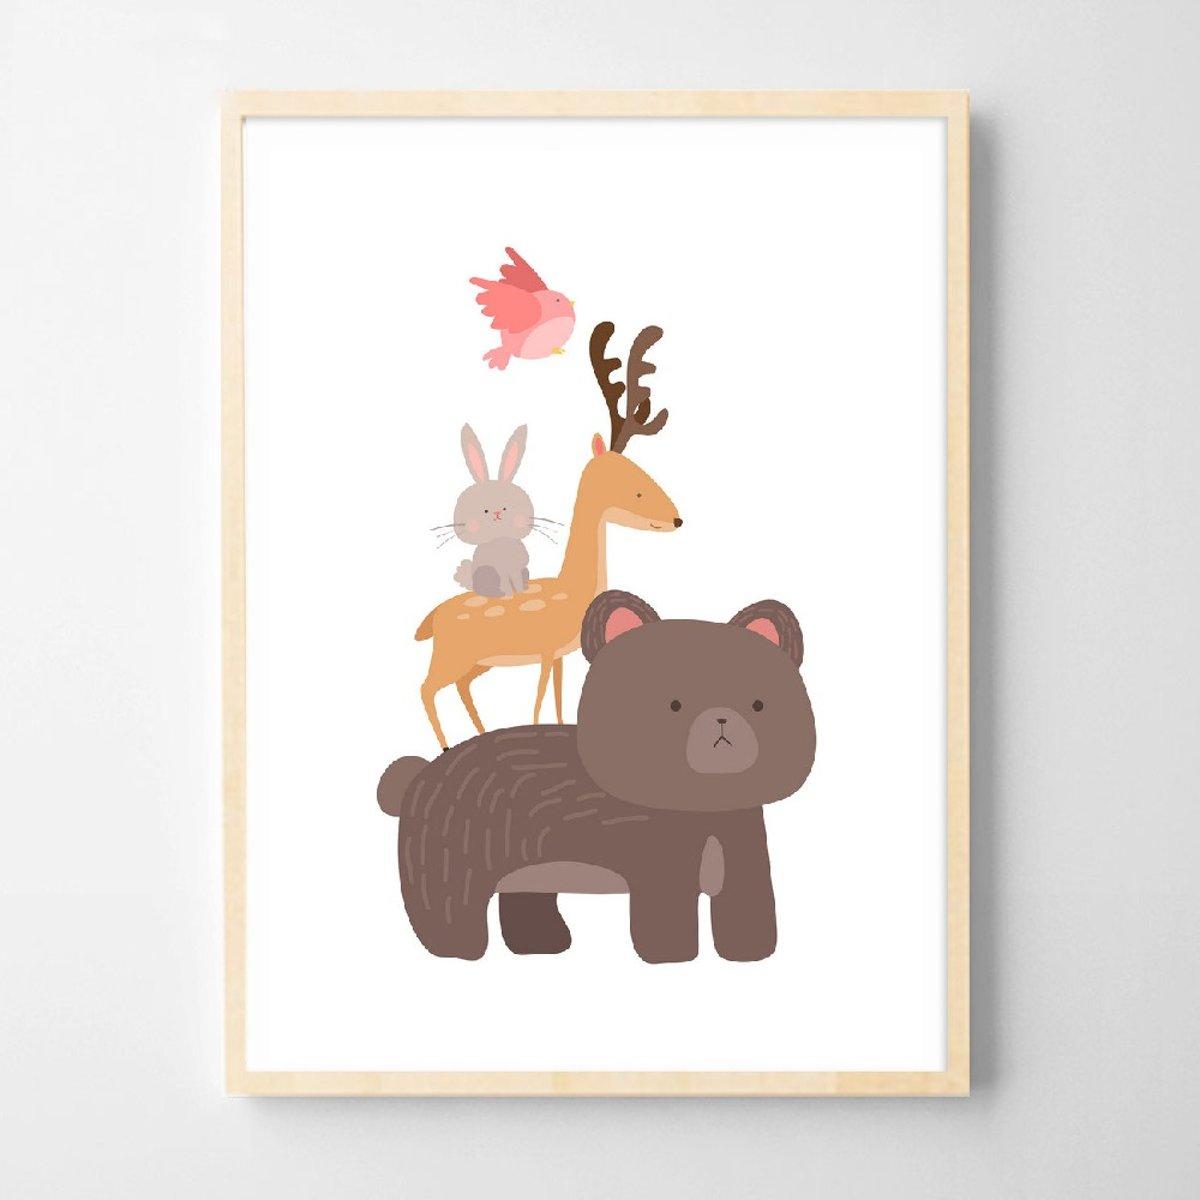 Postercity - Design Canvas Poster Beer met Dieren Vriendjes / Kinderkamer / Muurdecoratie / 40 x 30cm / A3 kopen